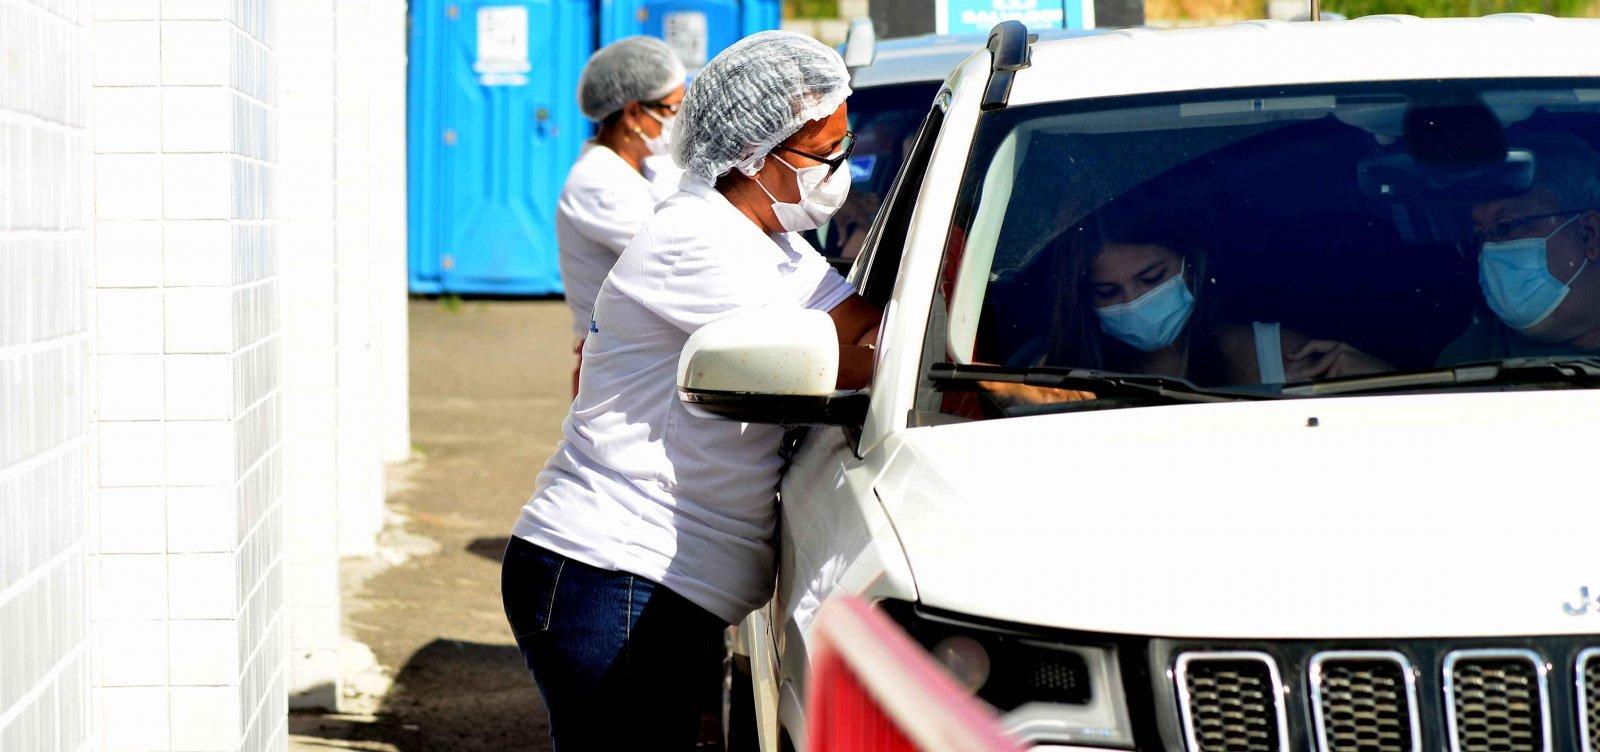 Descumprindo MS e seguindo Anvisa, Salvador retoma vacinação para adolescentes com 13 anos